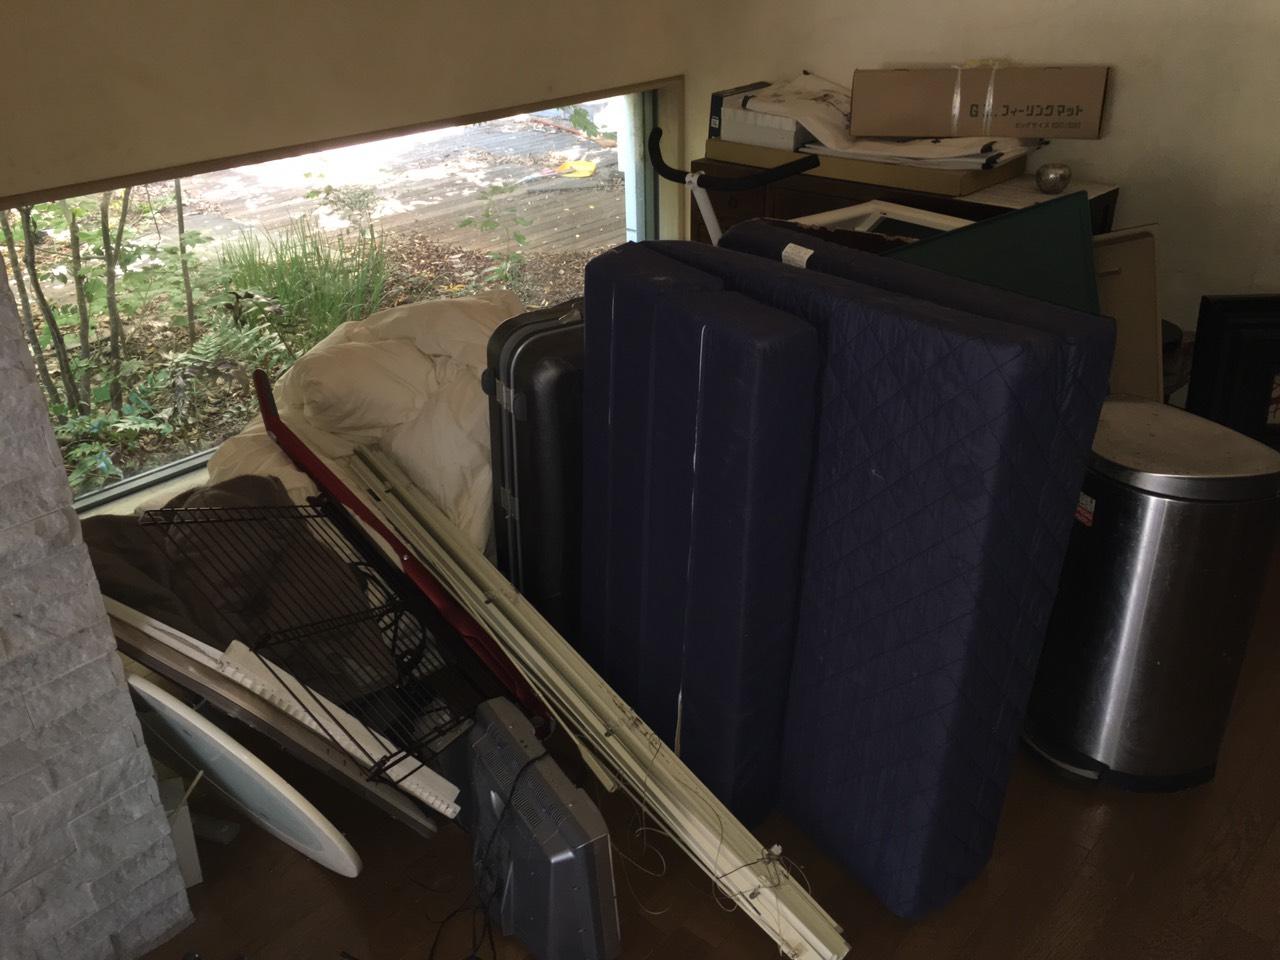 【愛知県名古屋市港区】マットレスや大量の布団、TVなどの回収